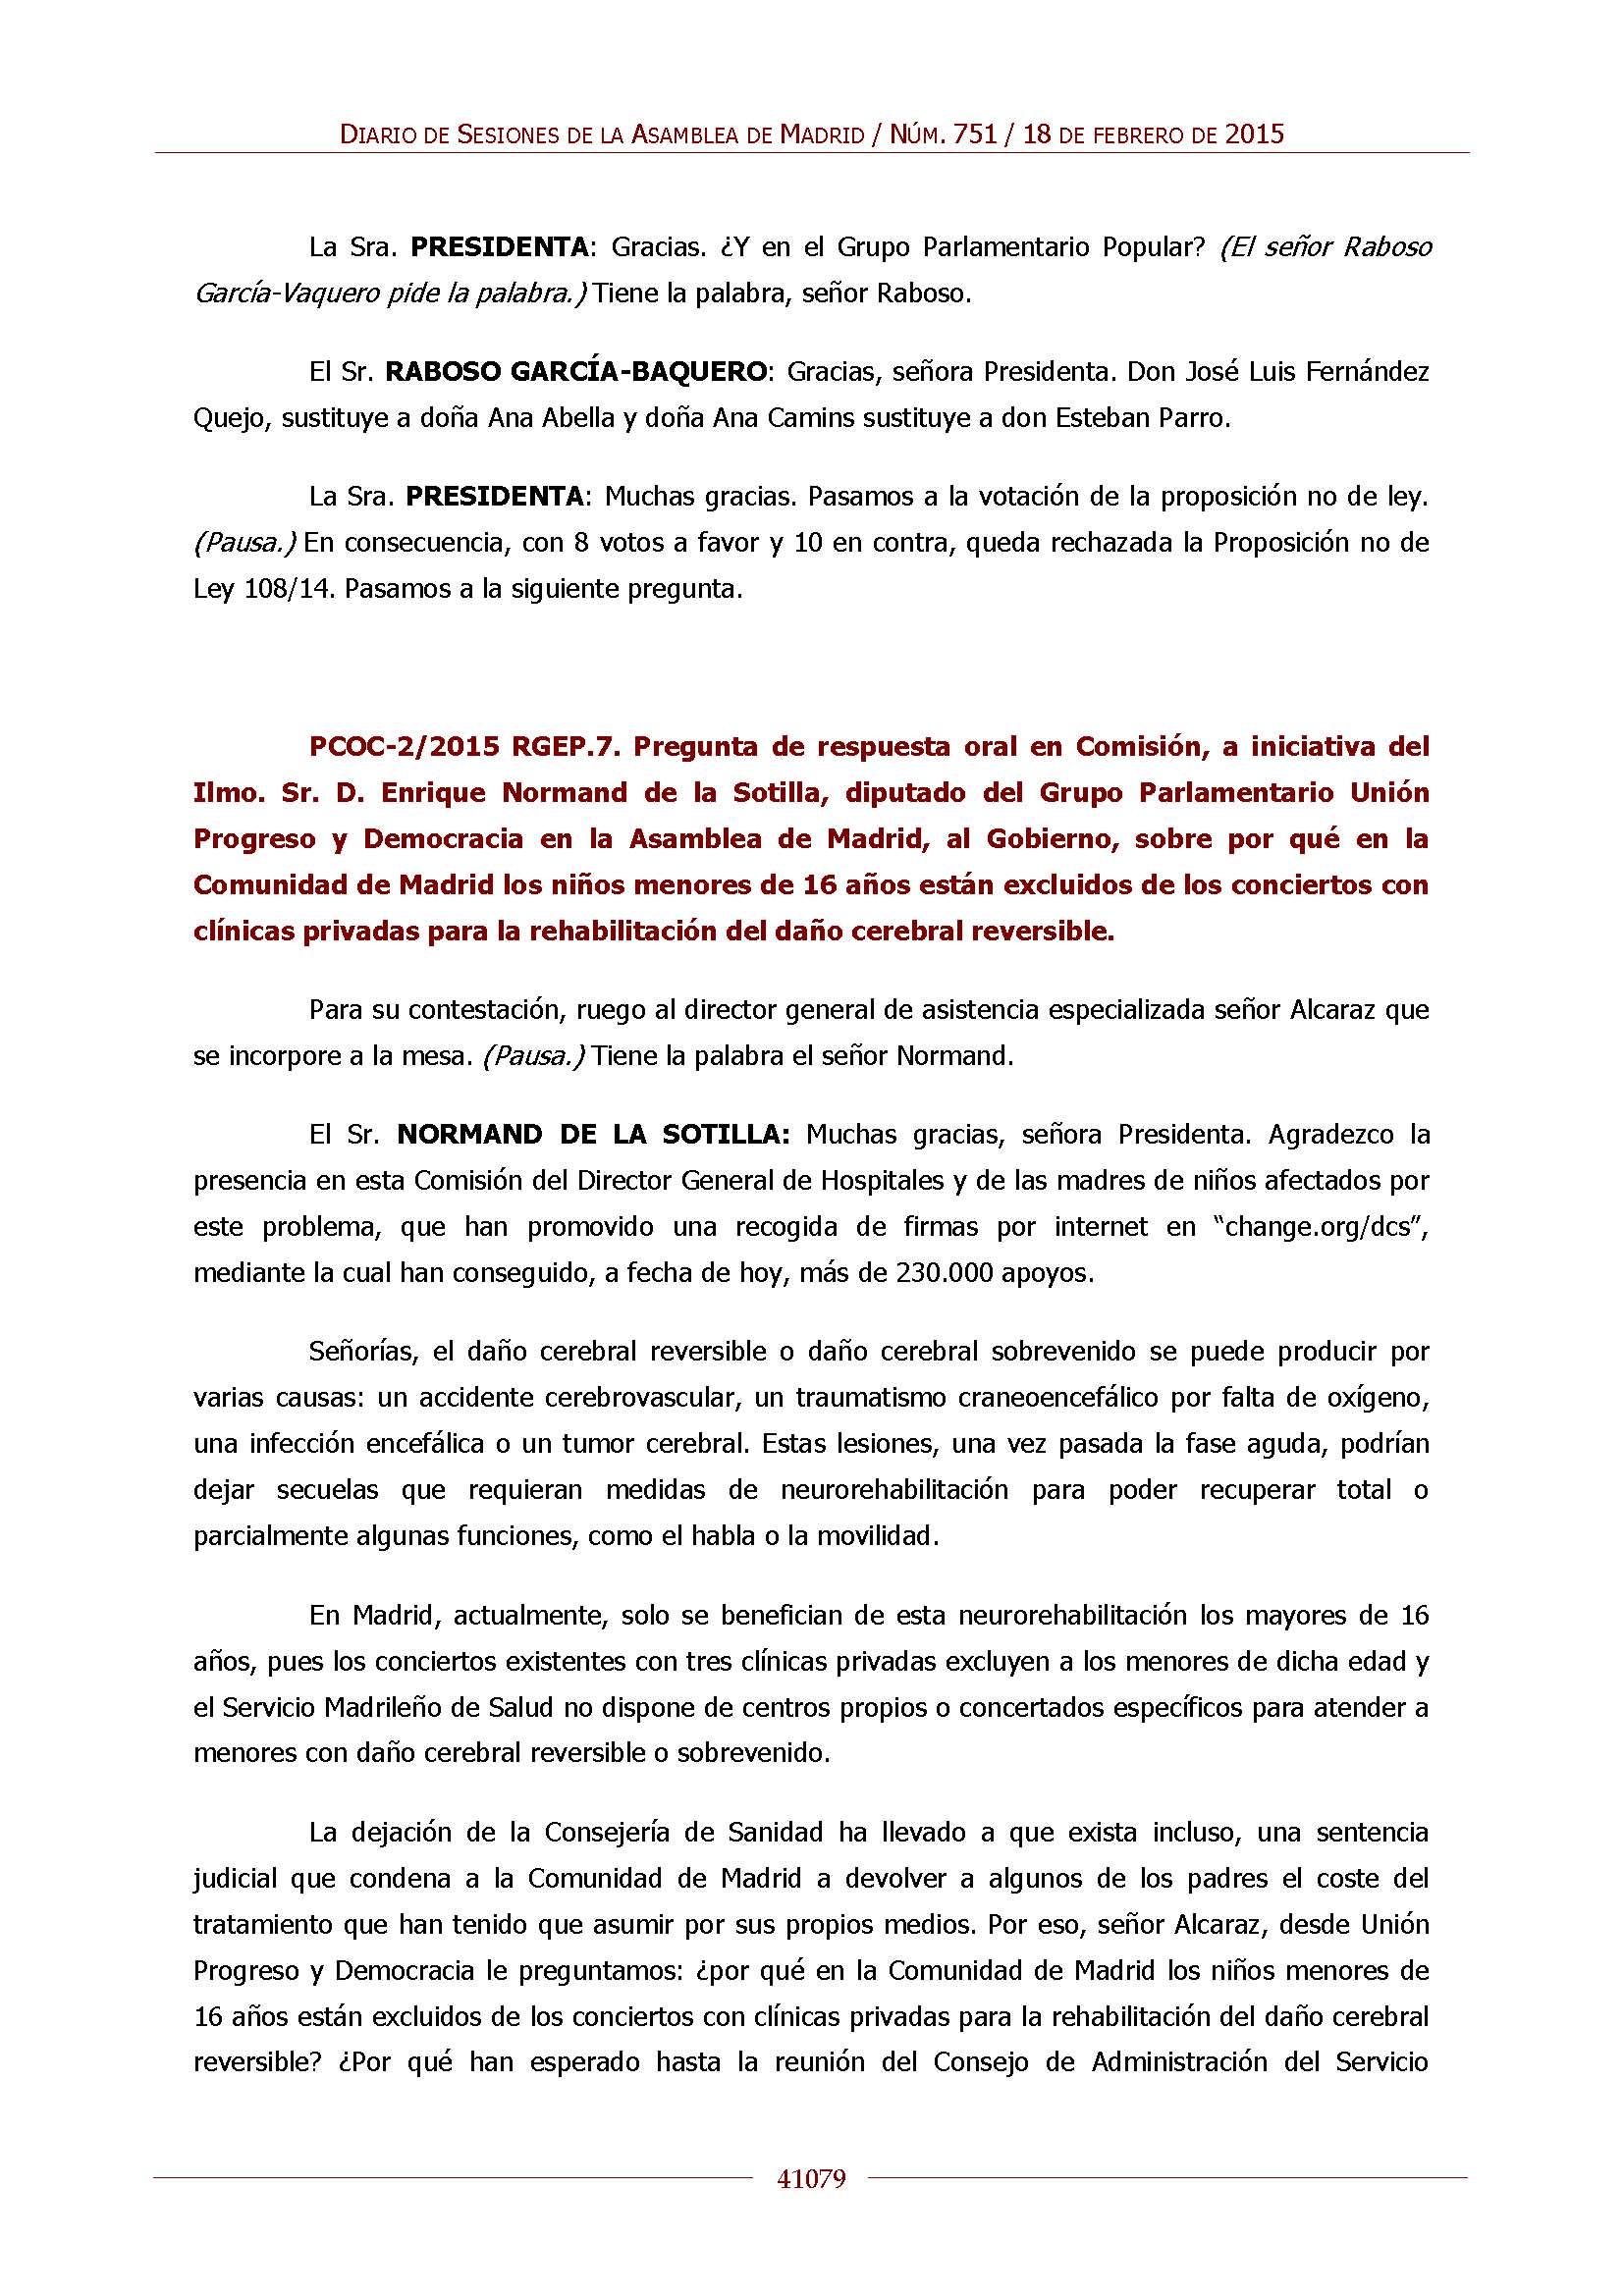 Diario Sesiones pregunta E Normand y respuesta IX-DS-751_Página_19